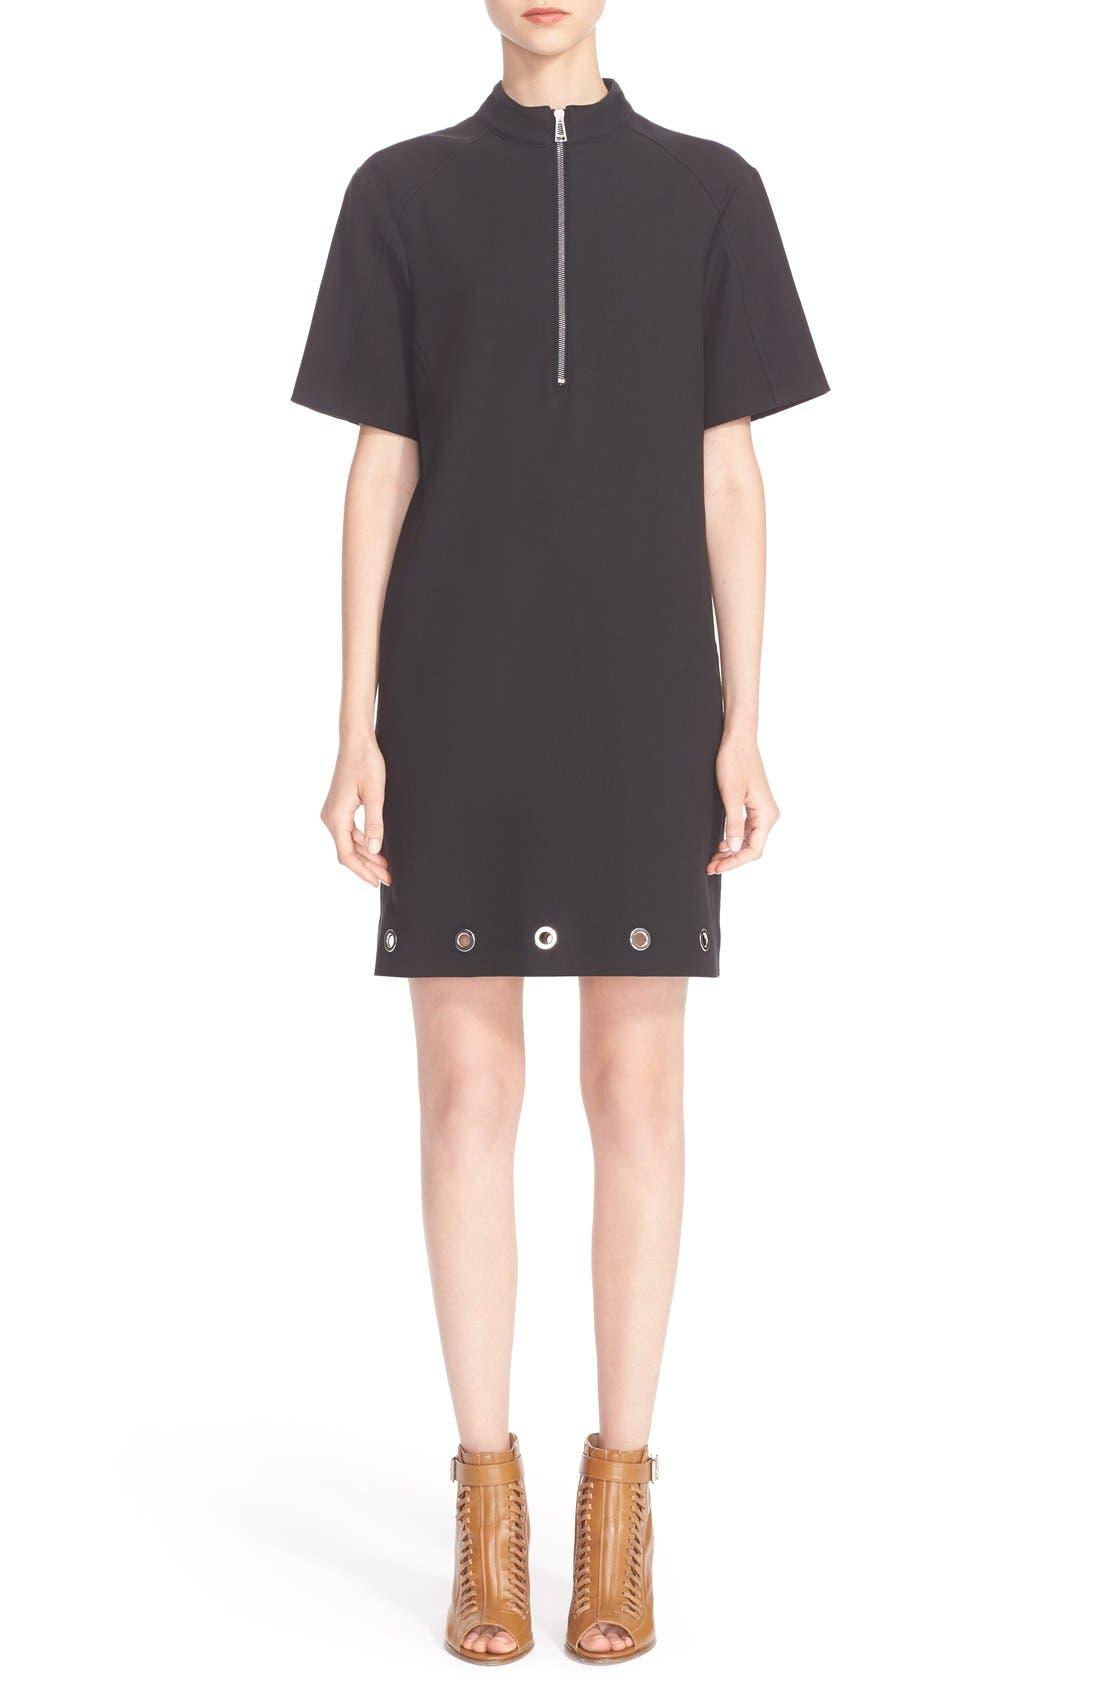 BELSTAFF Grommet Detail Stretch Cotton Shift Dress, Main, color, 001